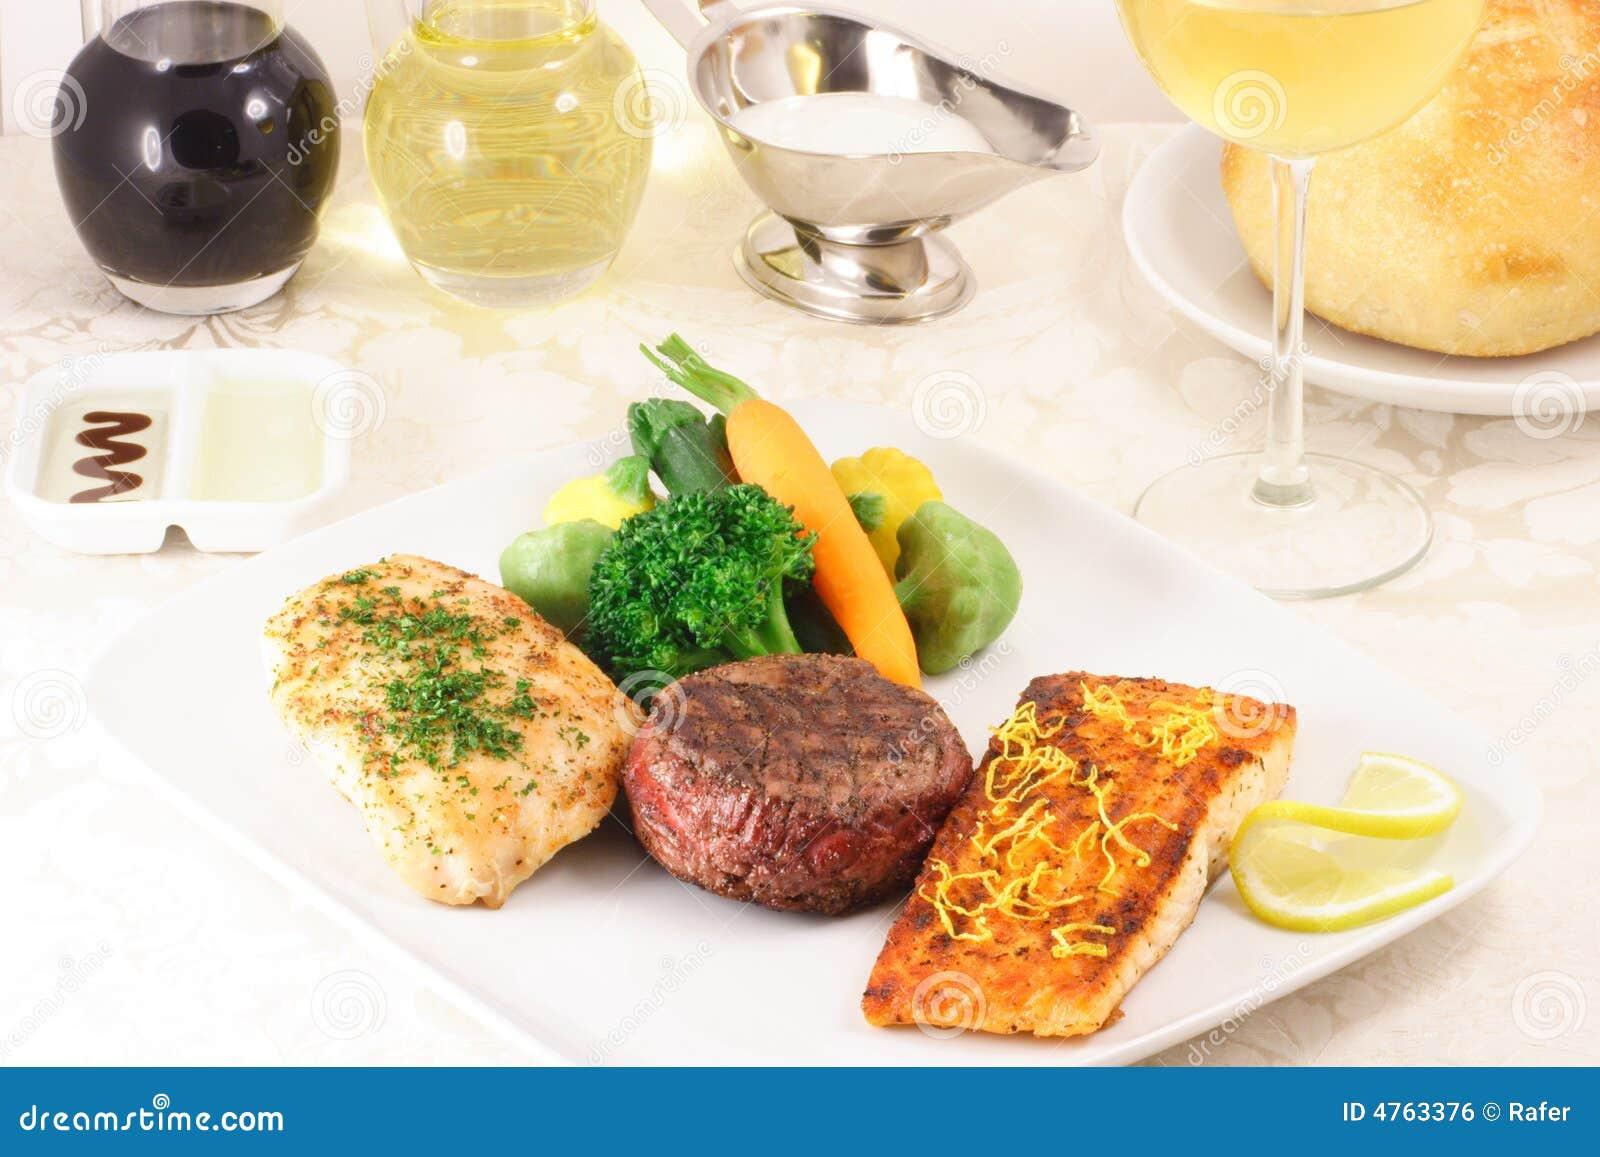 Repas fin de cuisine image libre de droits image 4763376 for Repas de cuisine